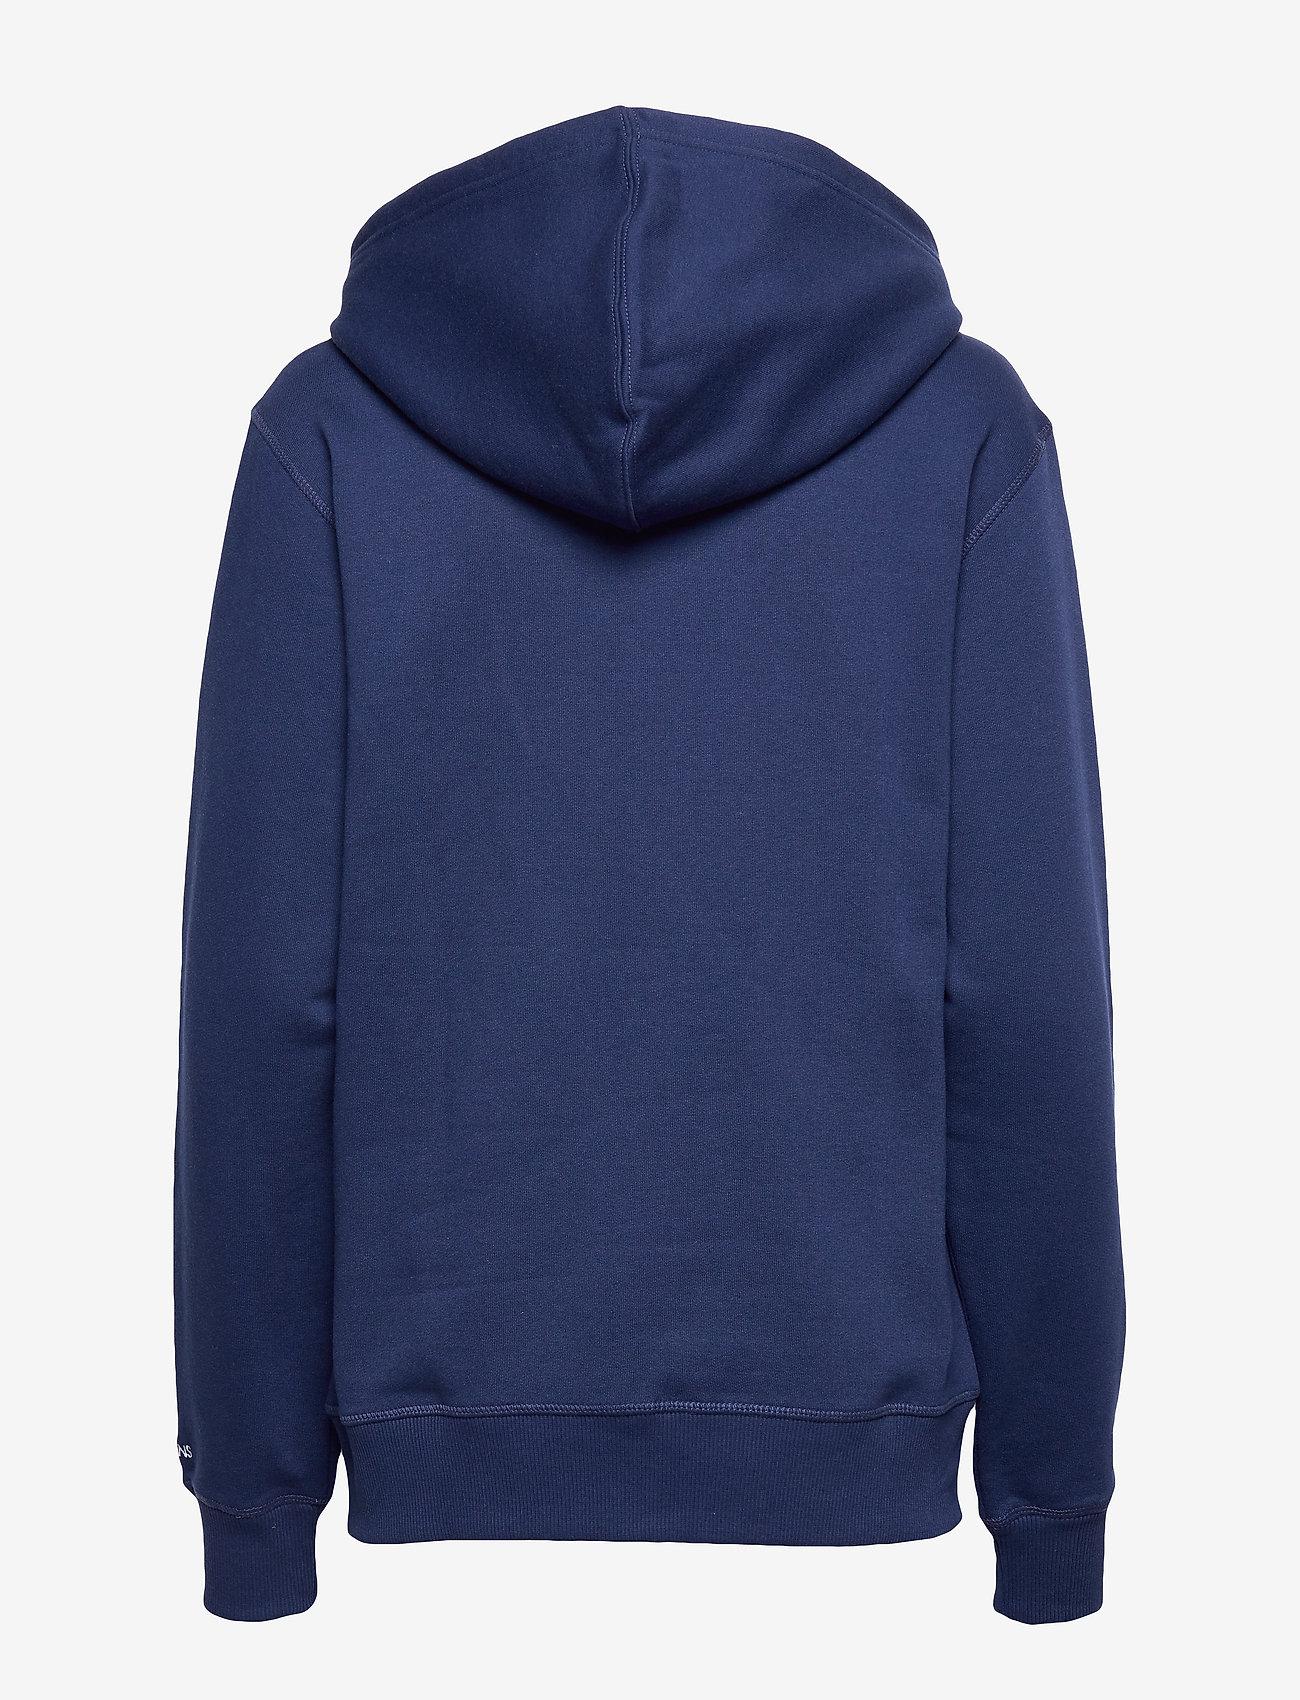 Calvin Klein Jeans - CK ESSENTIAL REG ZIP THROUGH - basic sweatshirts - blueprint - 1